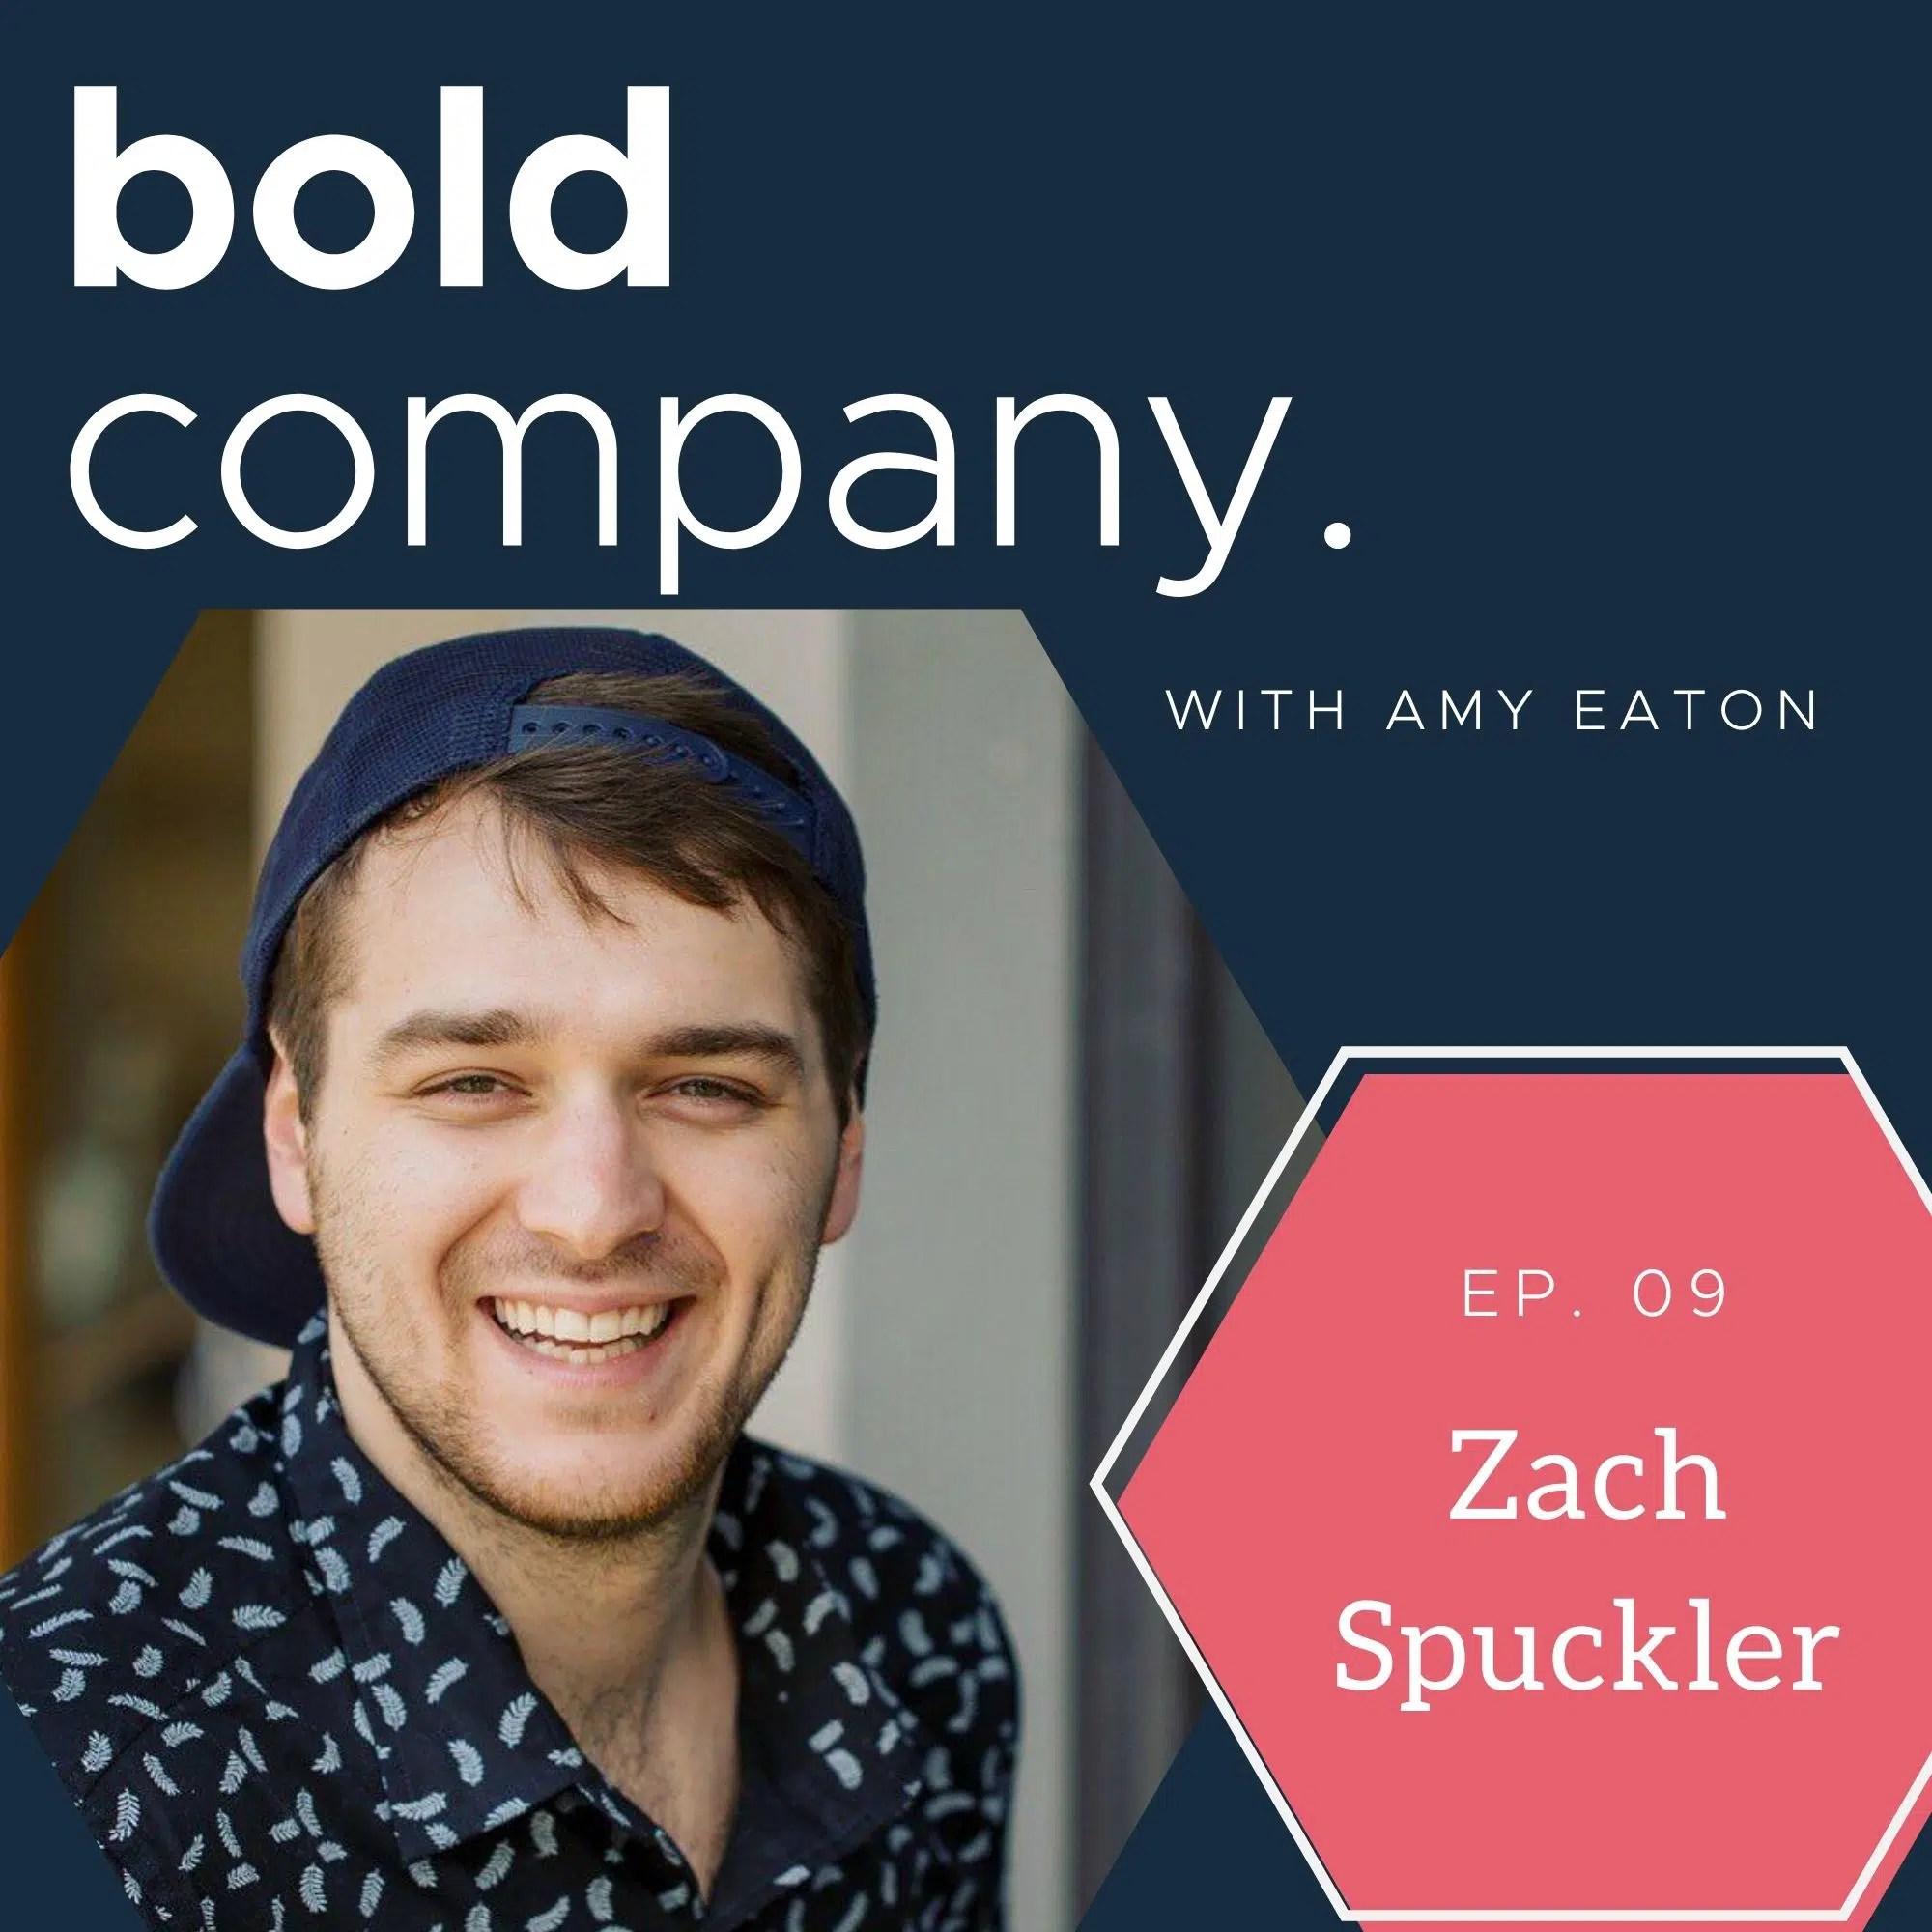 Bold Company Episode 9 – Zach Spuckler